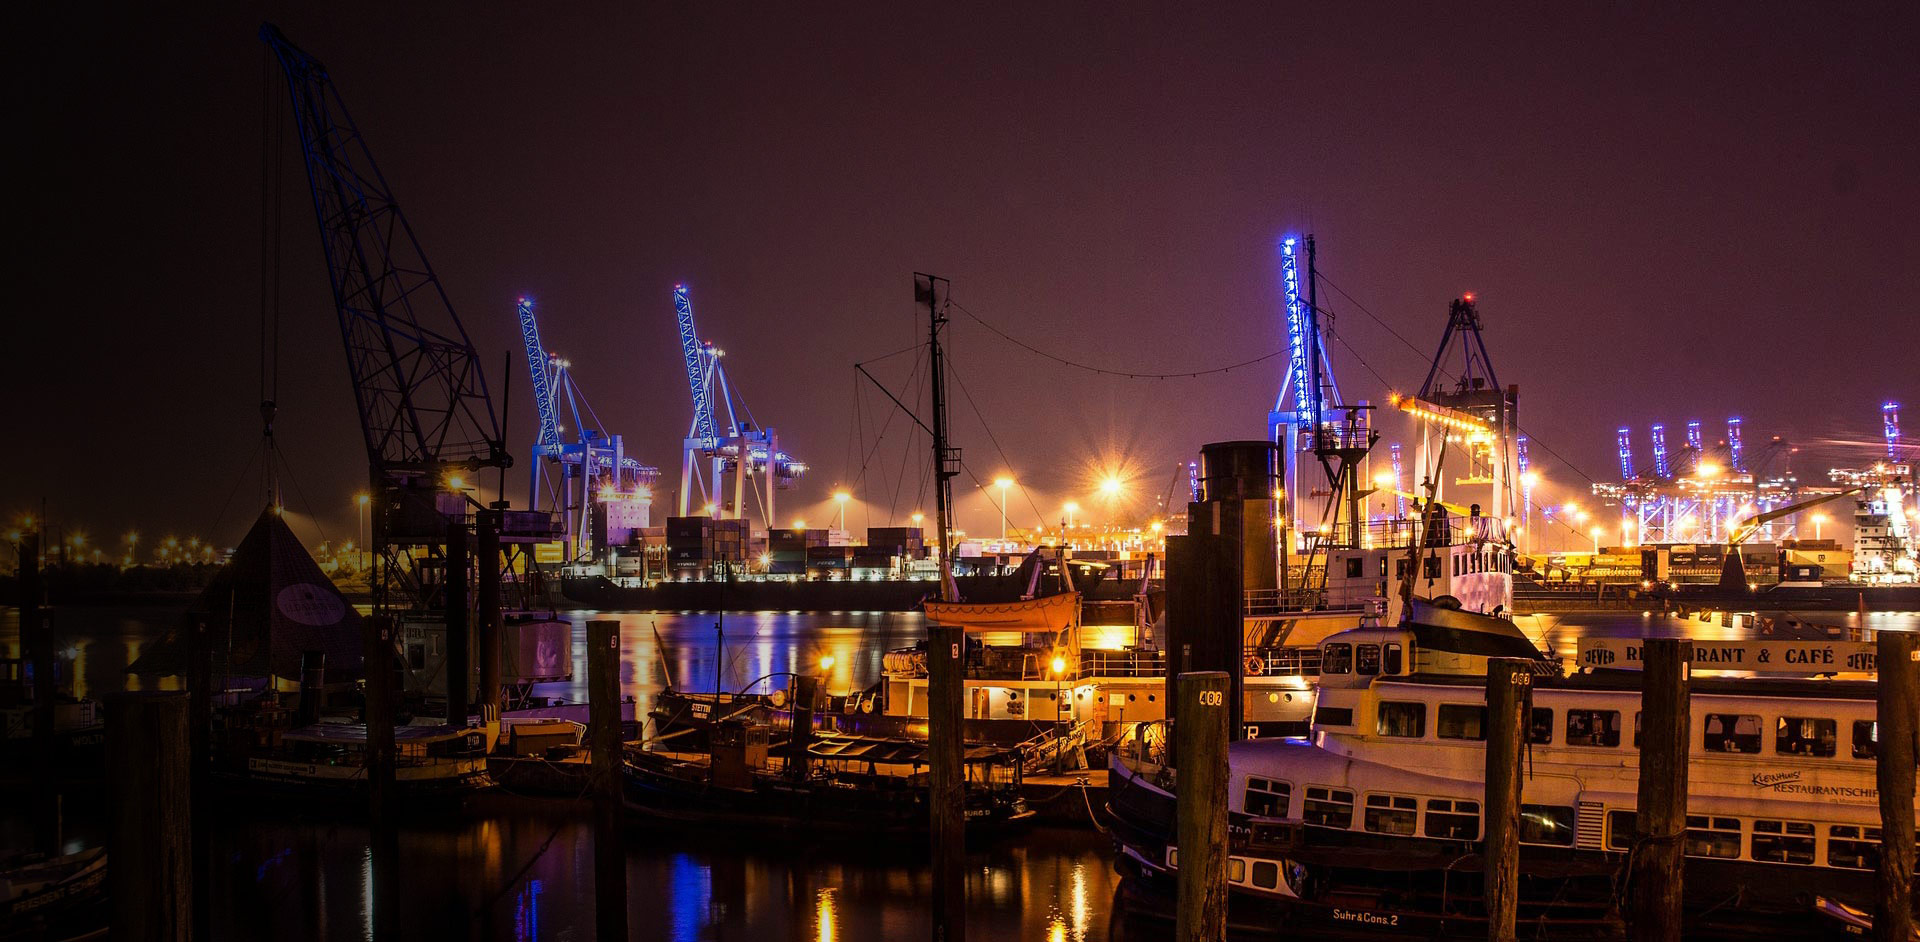 Hamburg-Hafen-guenstig-Uebenachten-Schiffe-Lichter-Kraene-Baustelle